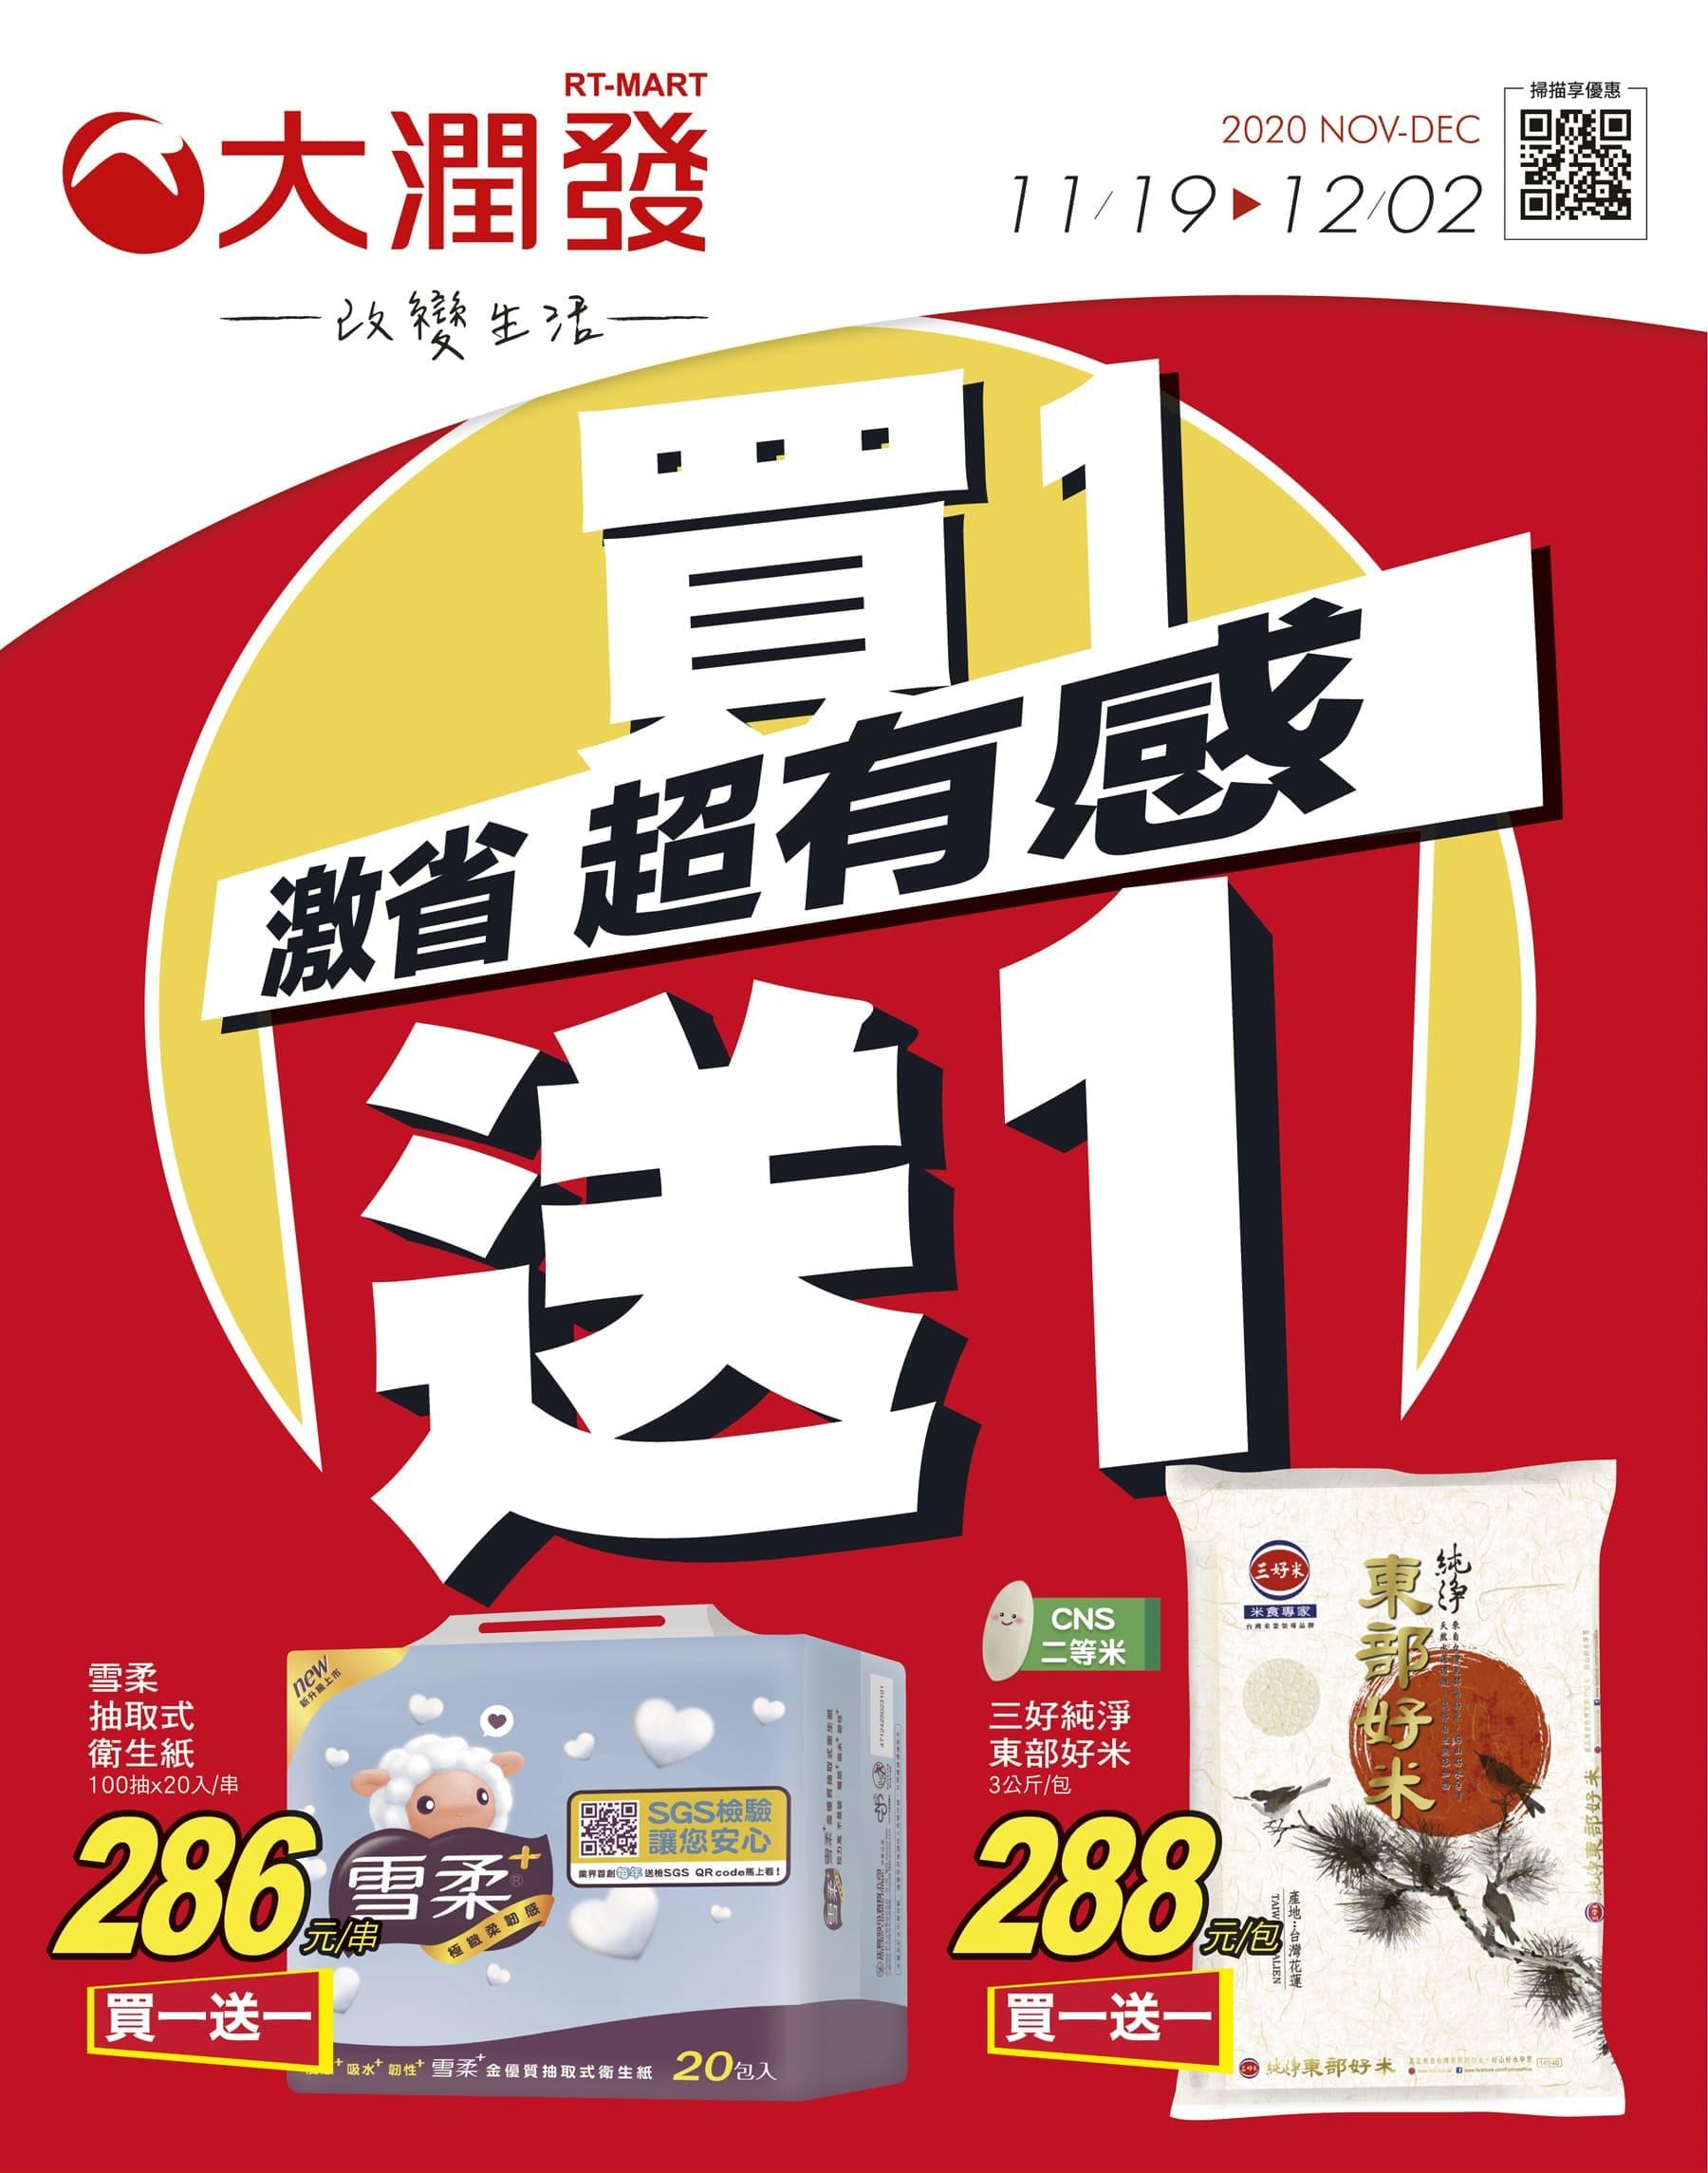 大潤發 🛒 DM 【2020/12/2 止】🛒促銷目錄、優惠內容